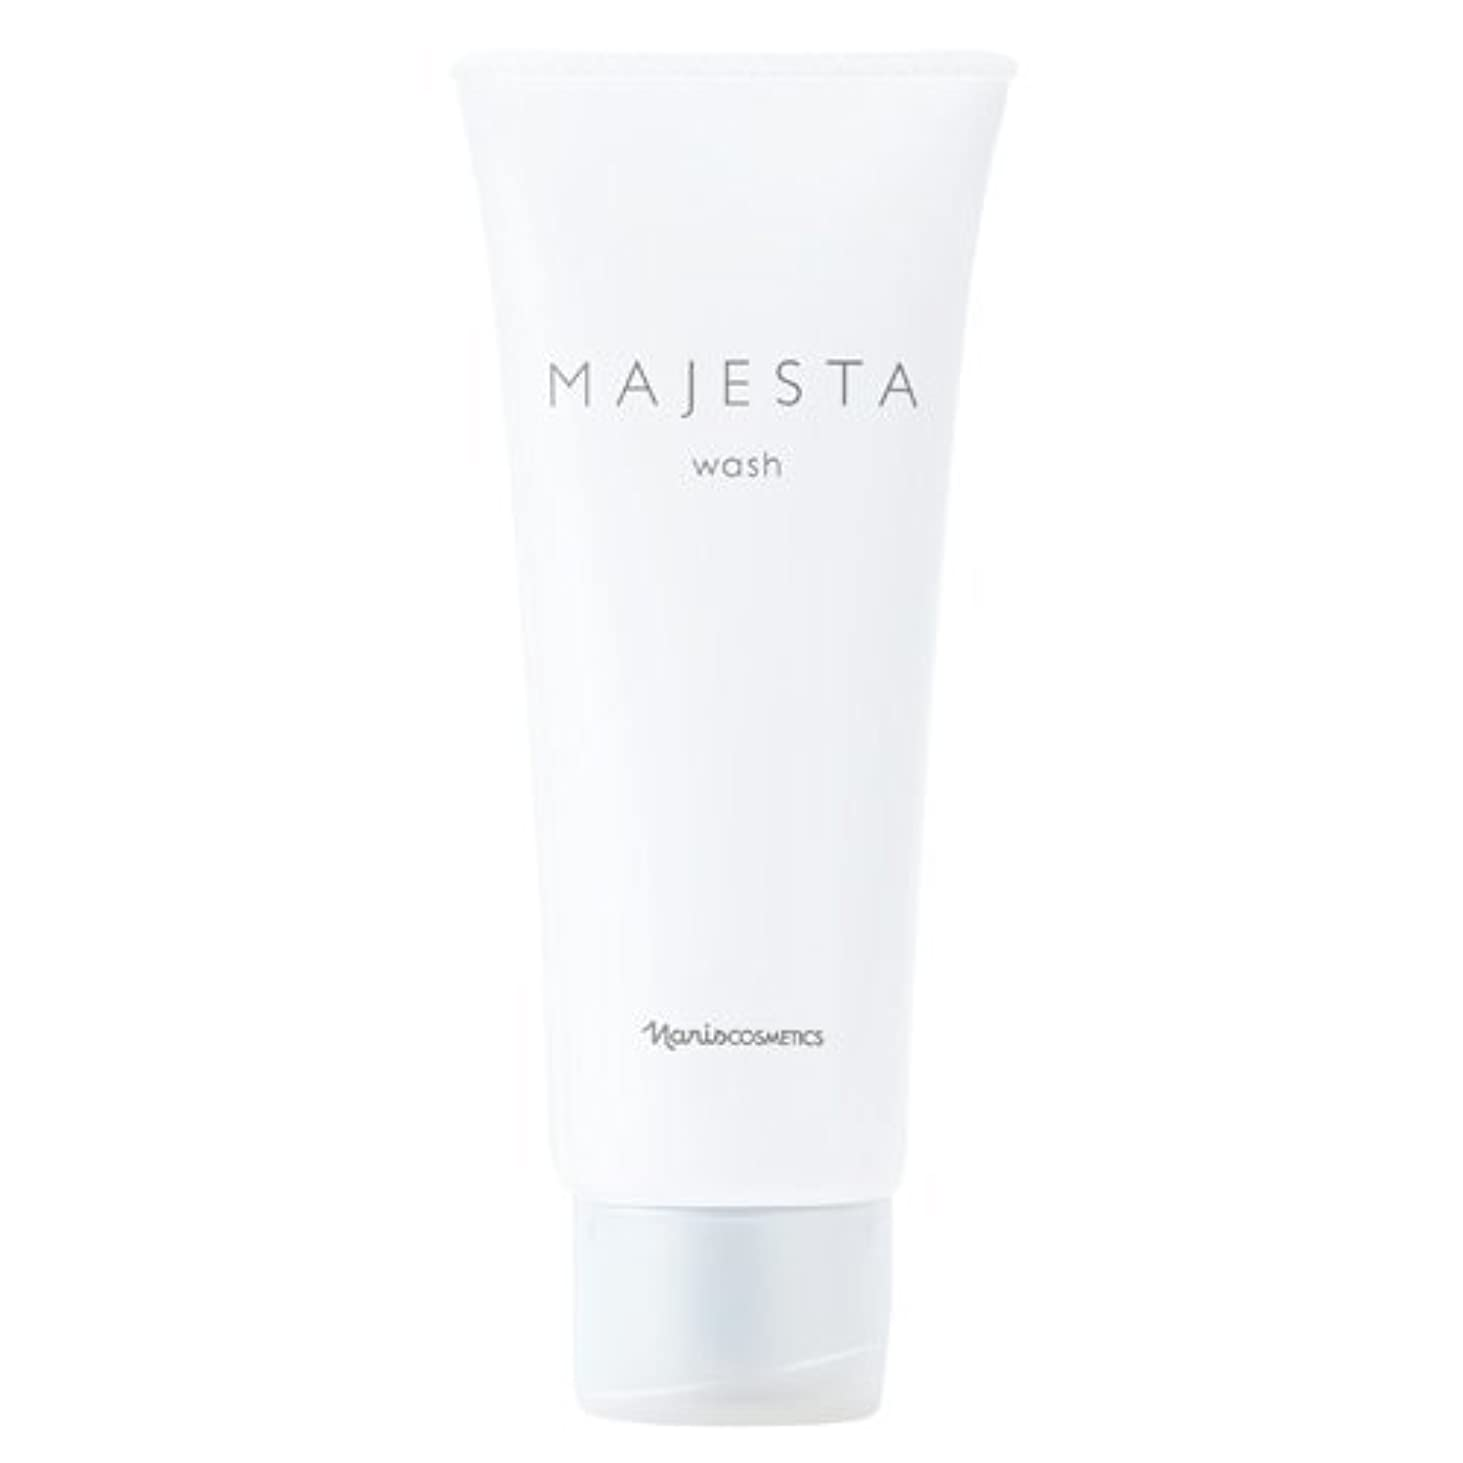 強大な一致する公爵ナリス化粧品 マジェスタ ウォッシュ(洗顔料)100g